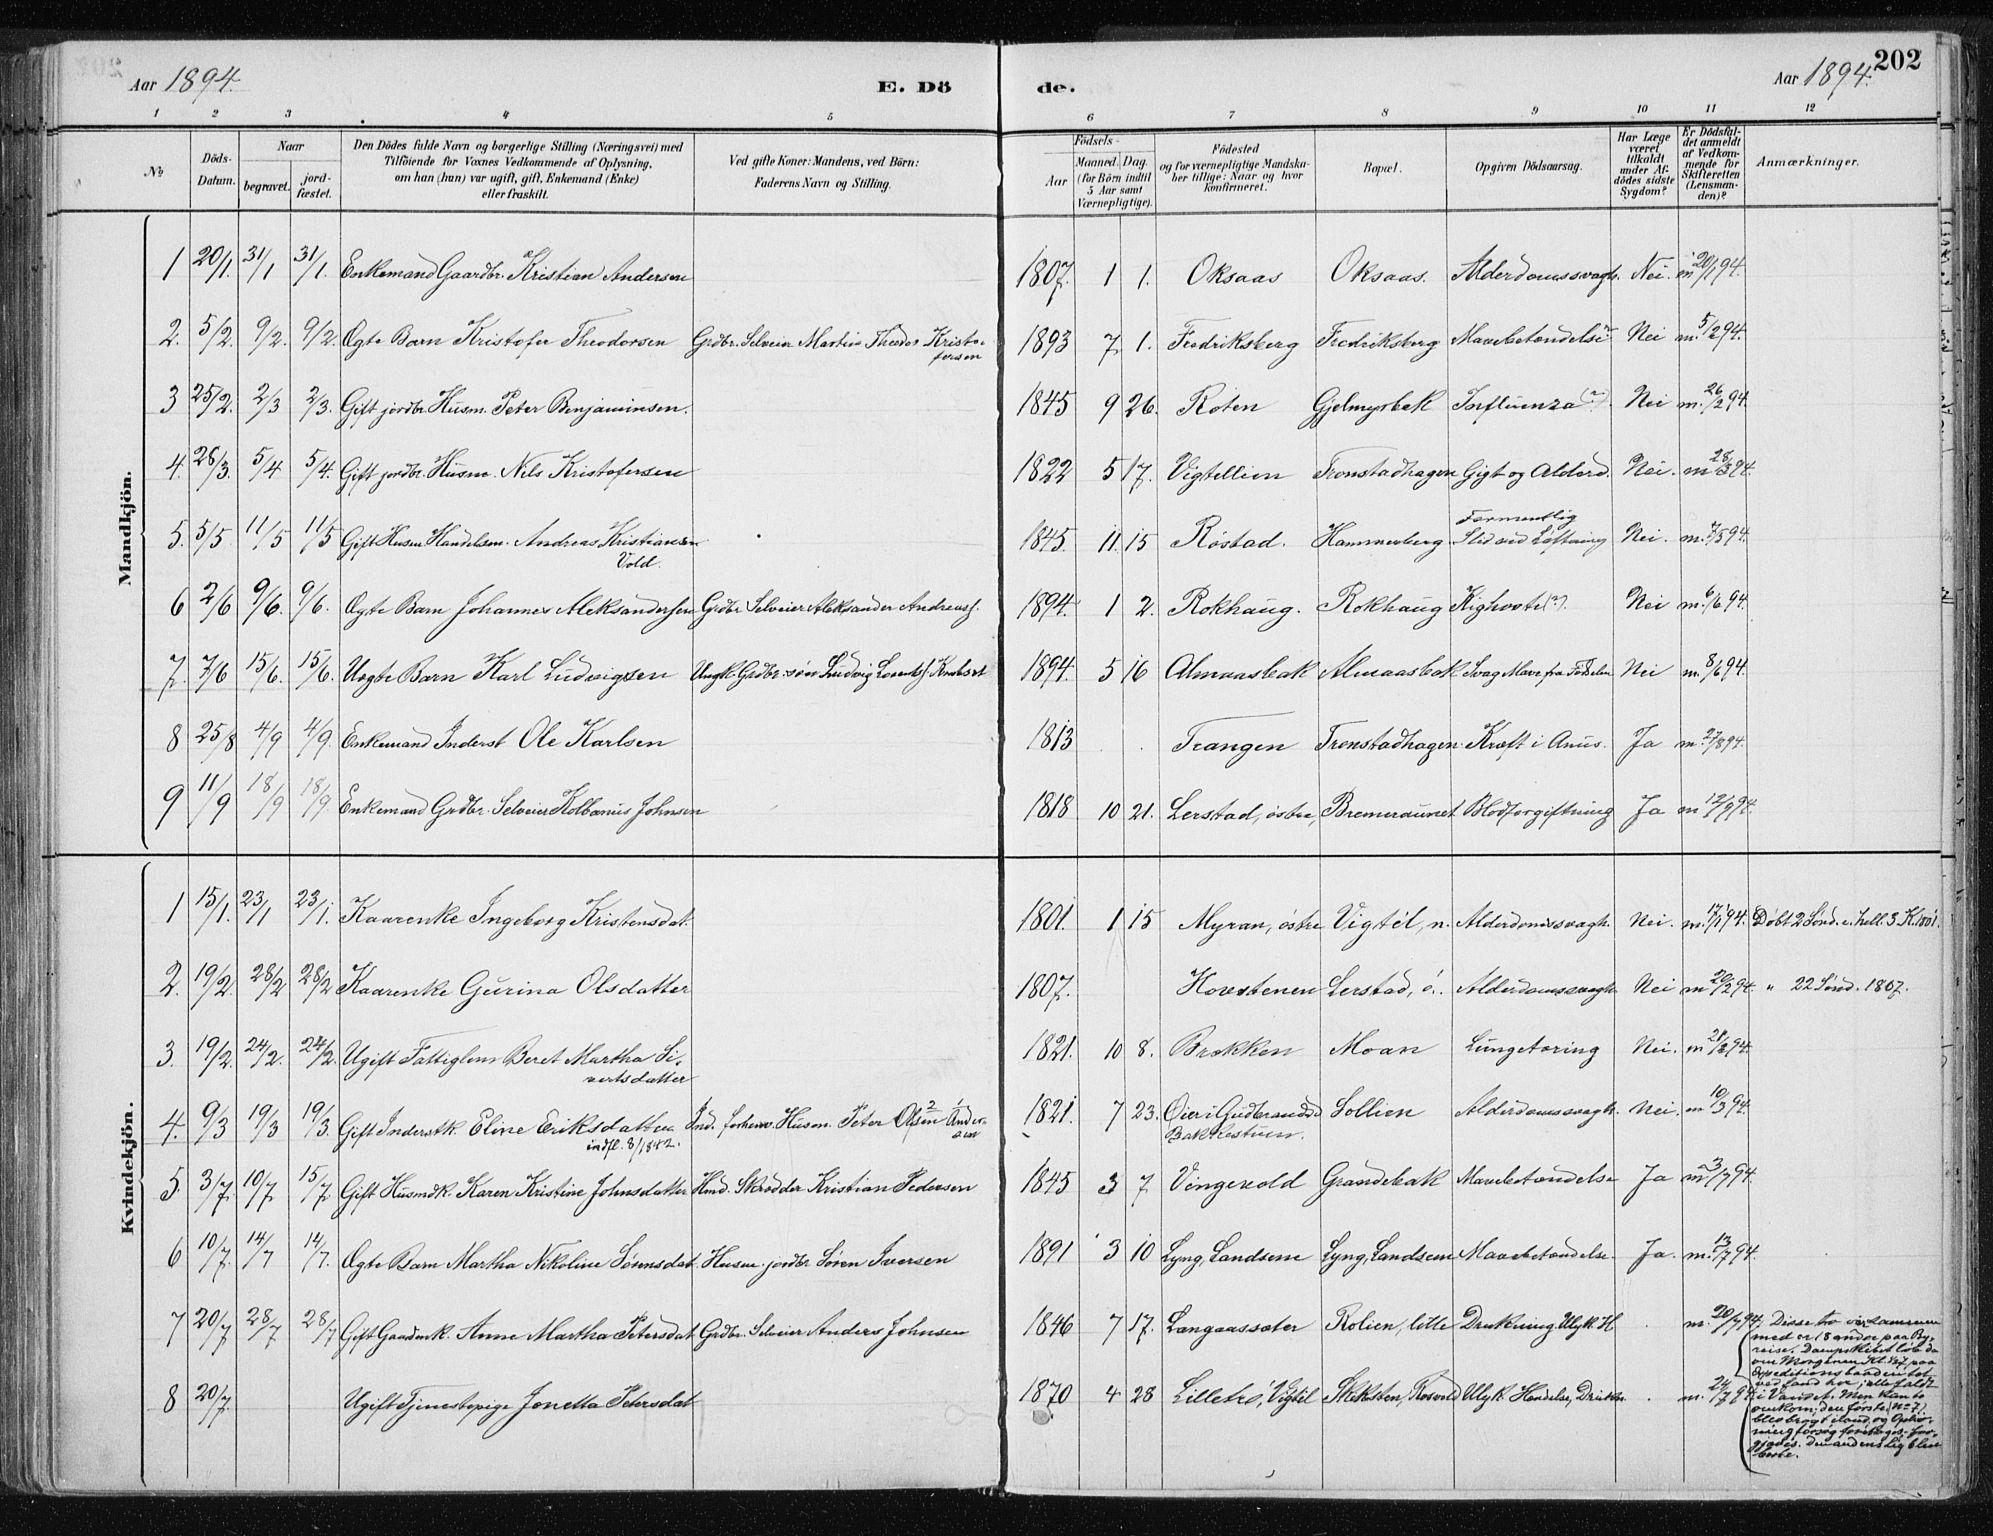 SAT, Ministerialprotokoller, klokkerbøker og fødselsregistre - Nord-Trøndelag, 701/L0010: Ministerialbok nr. 701A10, 1883-1899, s. 202